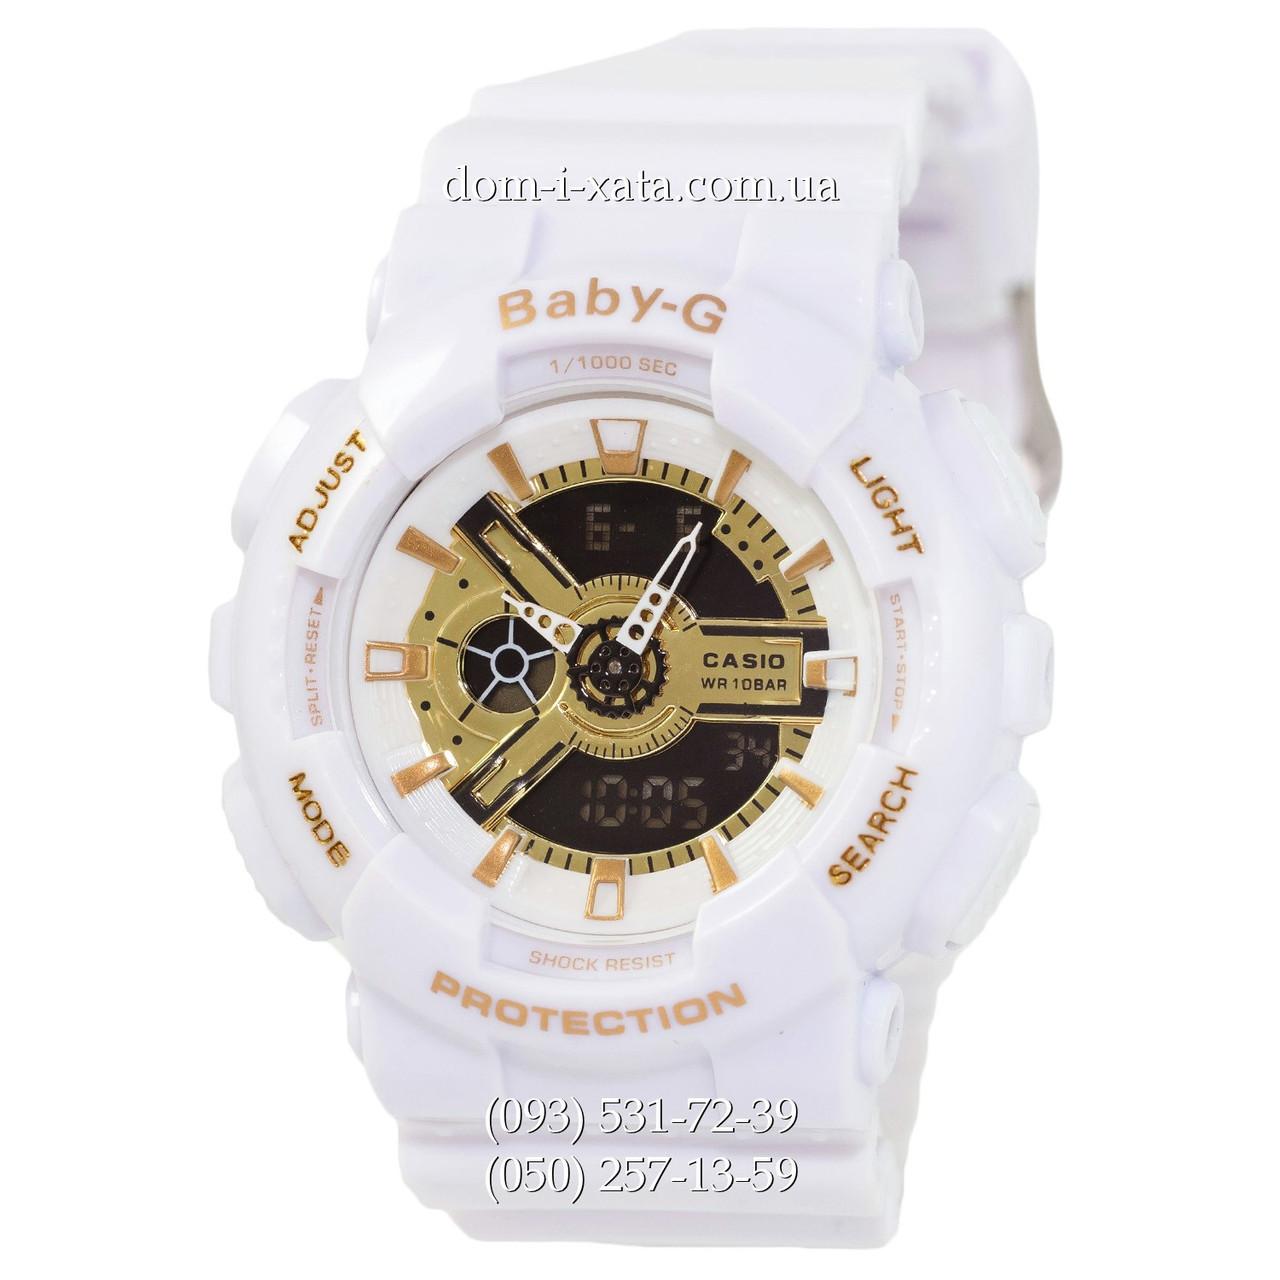 Электронные женские часы Casio Baby-G GA-110 White-Gold, спортивные часы Бейби Джи белые, реплика, отличное качество!